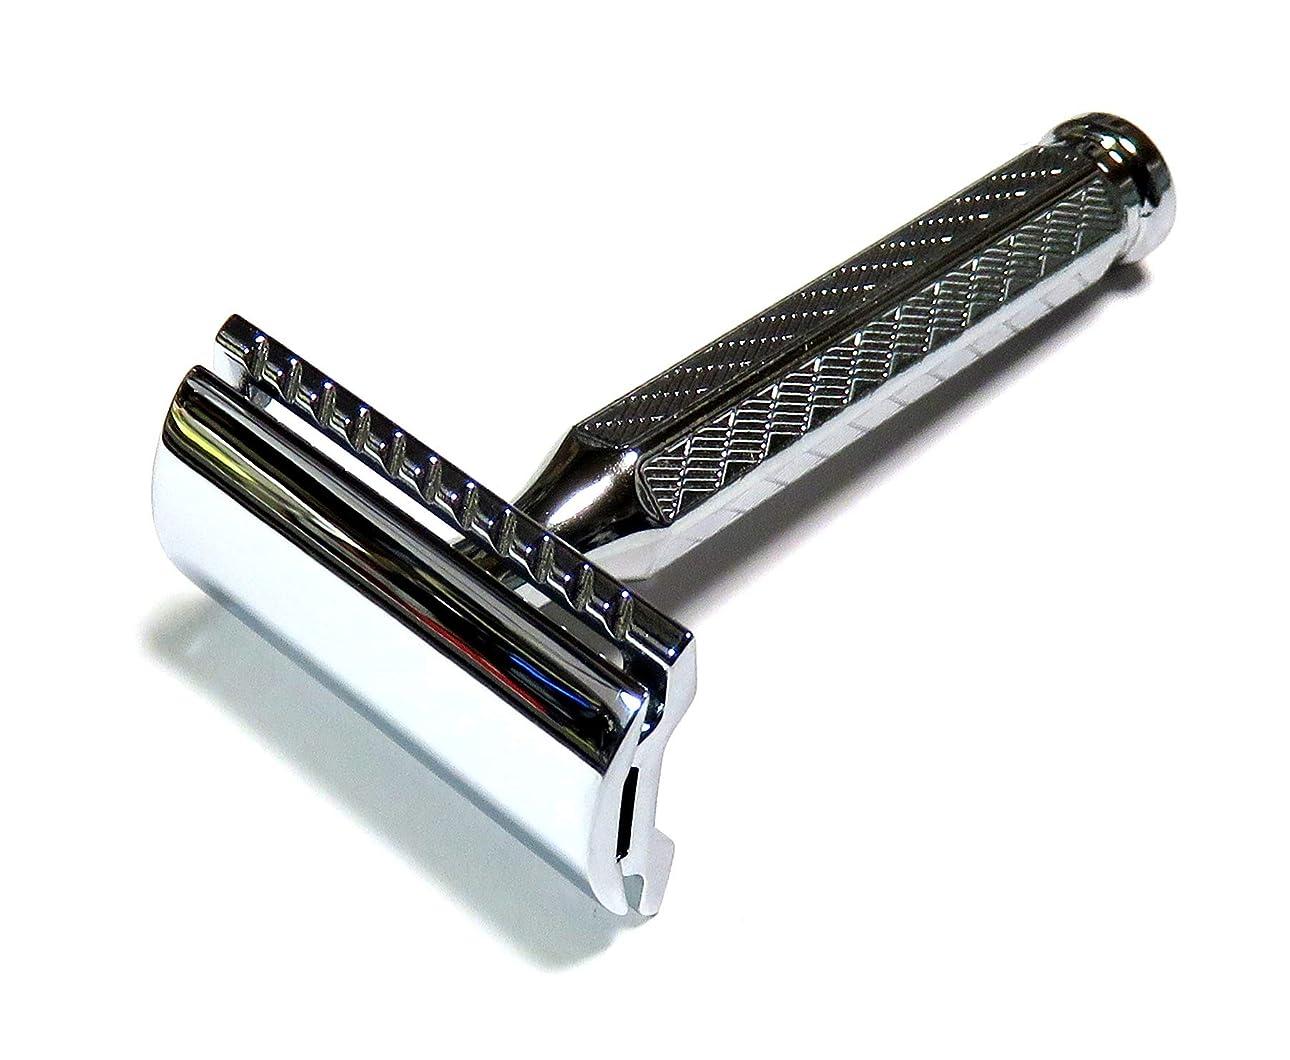 囚人チャンピオン狼MERKUR Solingen - Safety razor, chromed, closed comb, 9042001